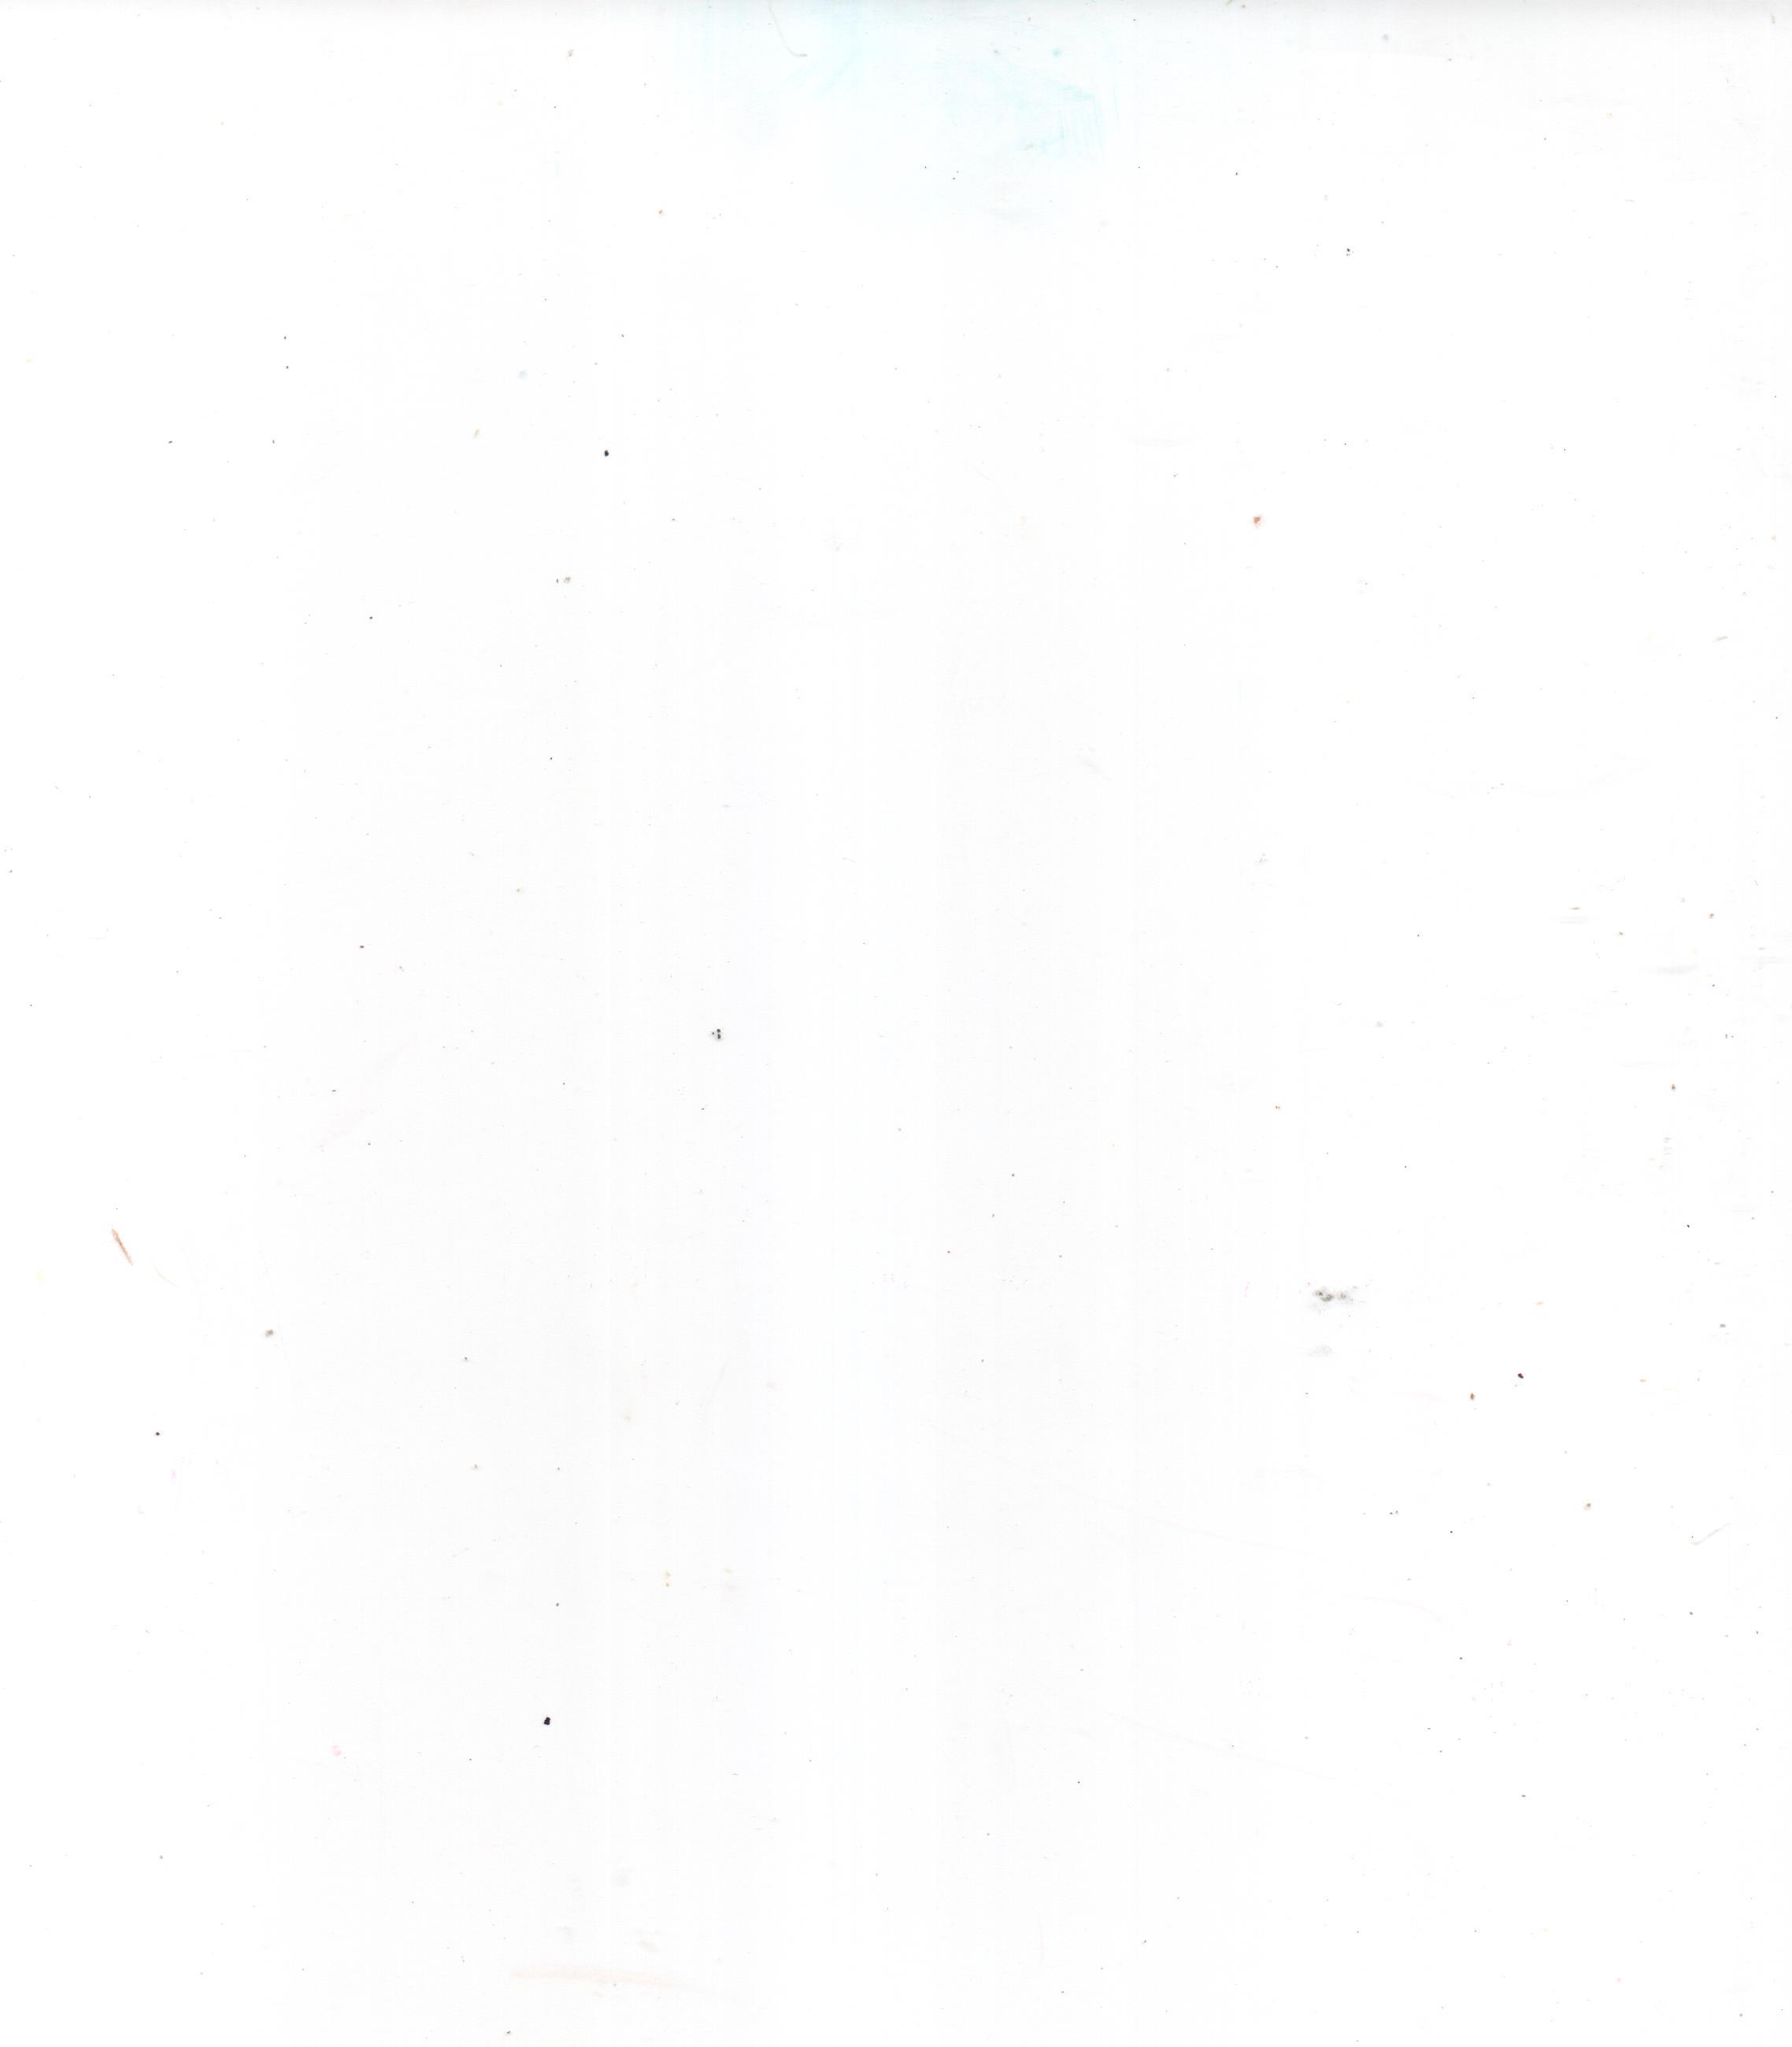 Creative Ingenuity 1 rollo de simulaci/ón de grano de madera de alta adherencia cinta de reparaci/ón para escritorio//silla//muebles//suelo embellecimiento decoraci/ón cinta